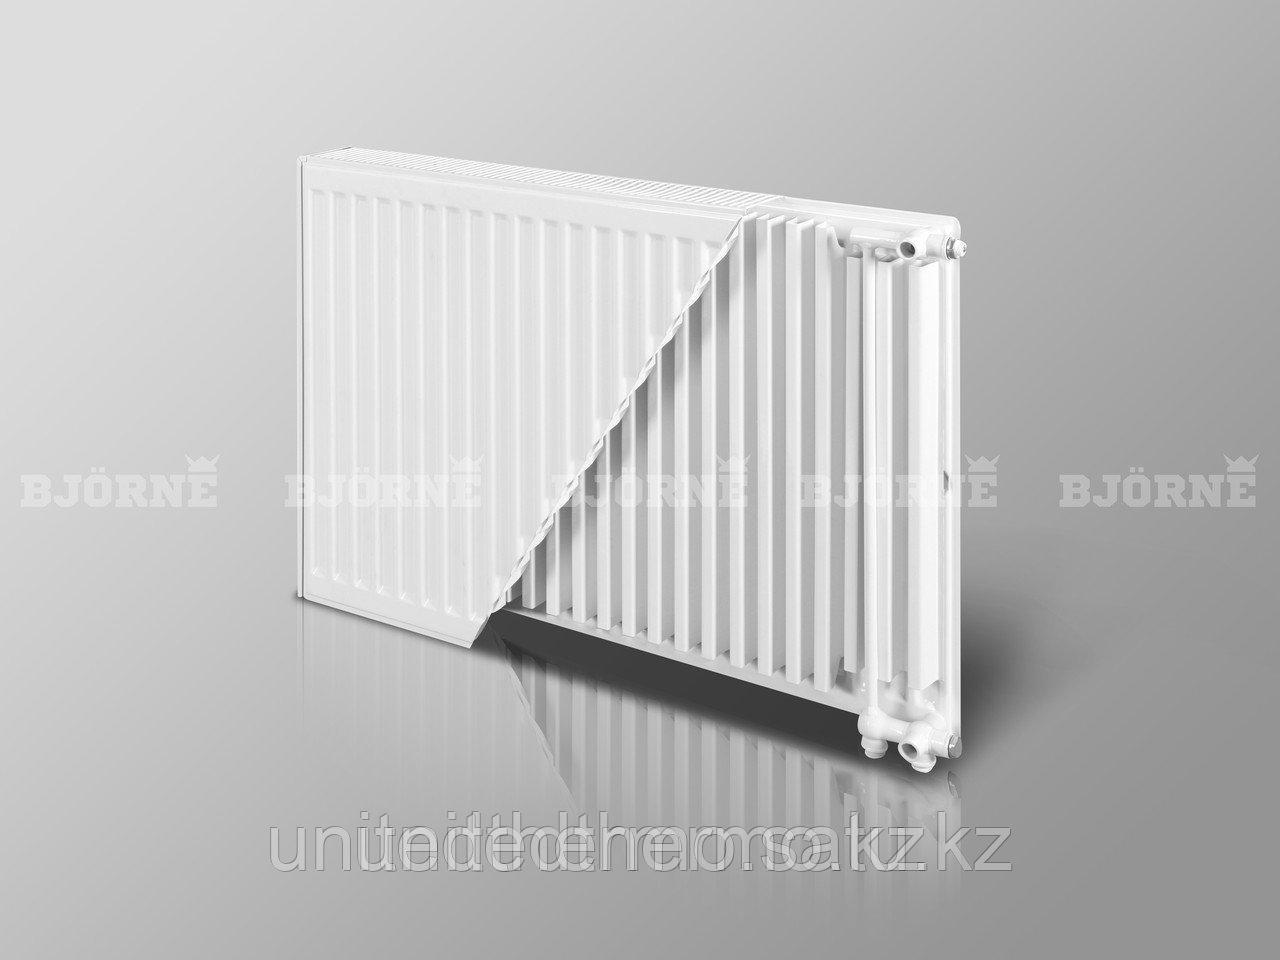 Стальной панельный радиатор Bjorne тип 22VK  H300мм*L1600мм нижнее подключение